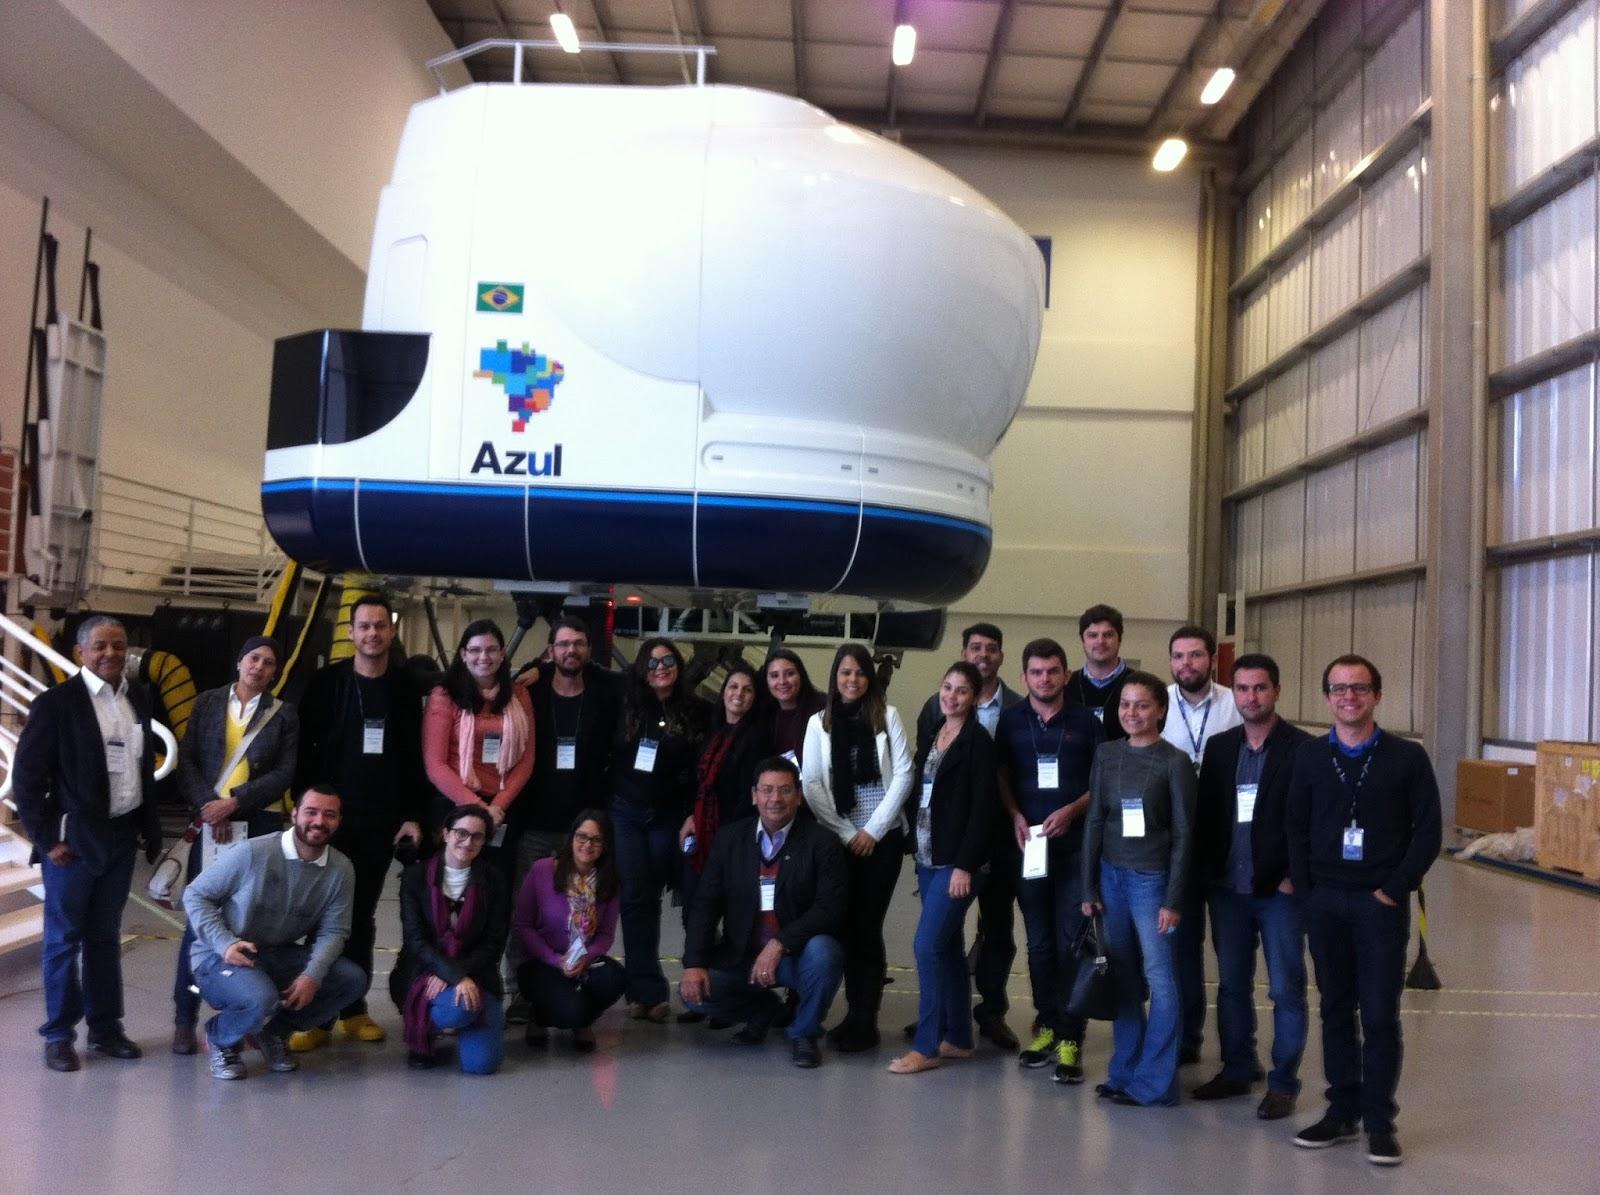 a00fe216bb ACADEMIA: Os jornalistas foram ao centro de treinamento da Azul Linhas  Aéreas em Campinas, no interior de São Paulo, onde a companhia forma todo o  seu ...